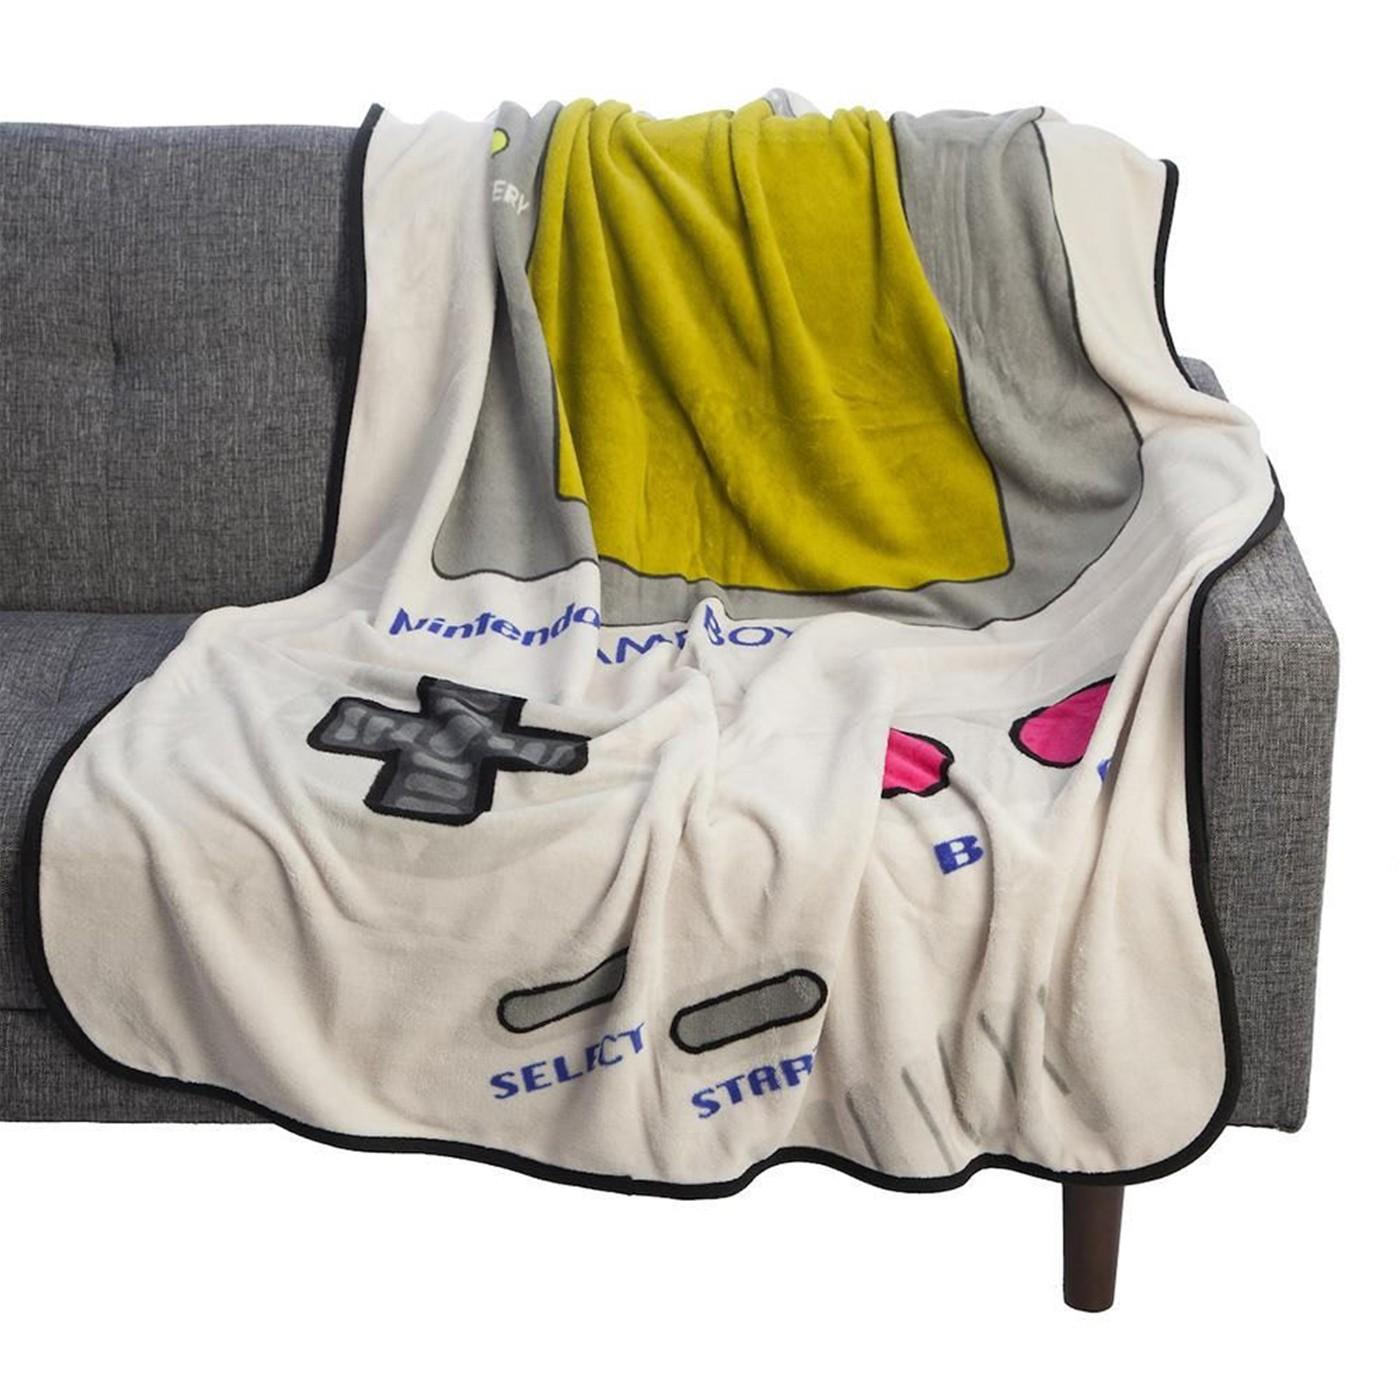 Nintendo Gameboy 48 X 60 In. Digital Fleece Throw